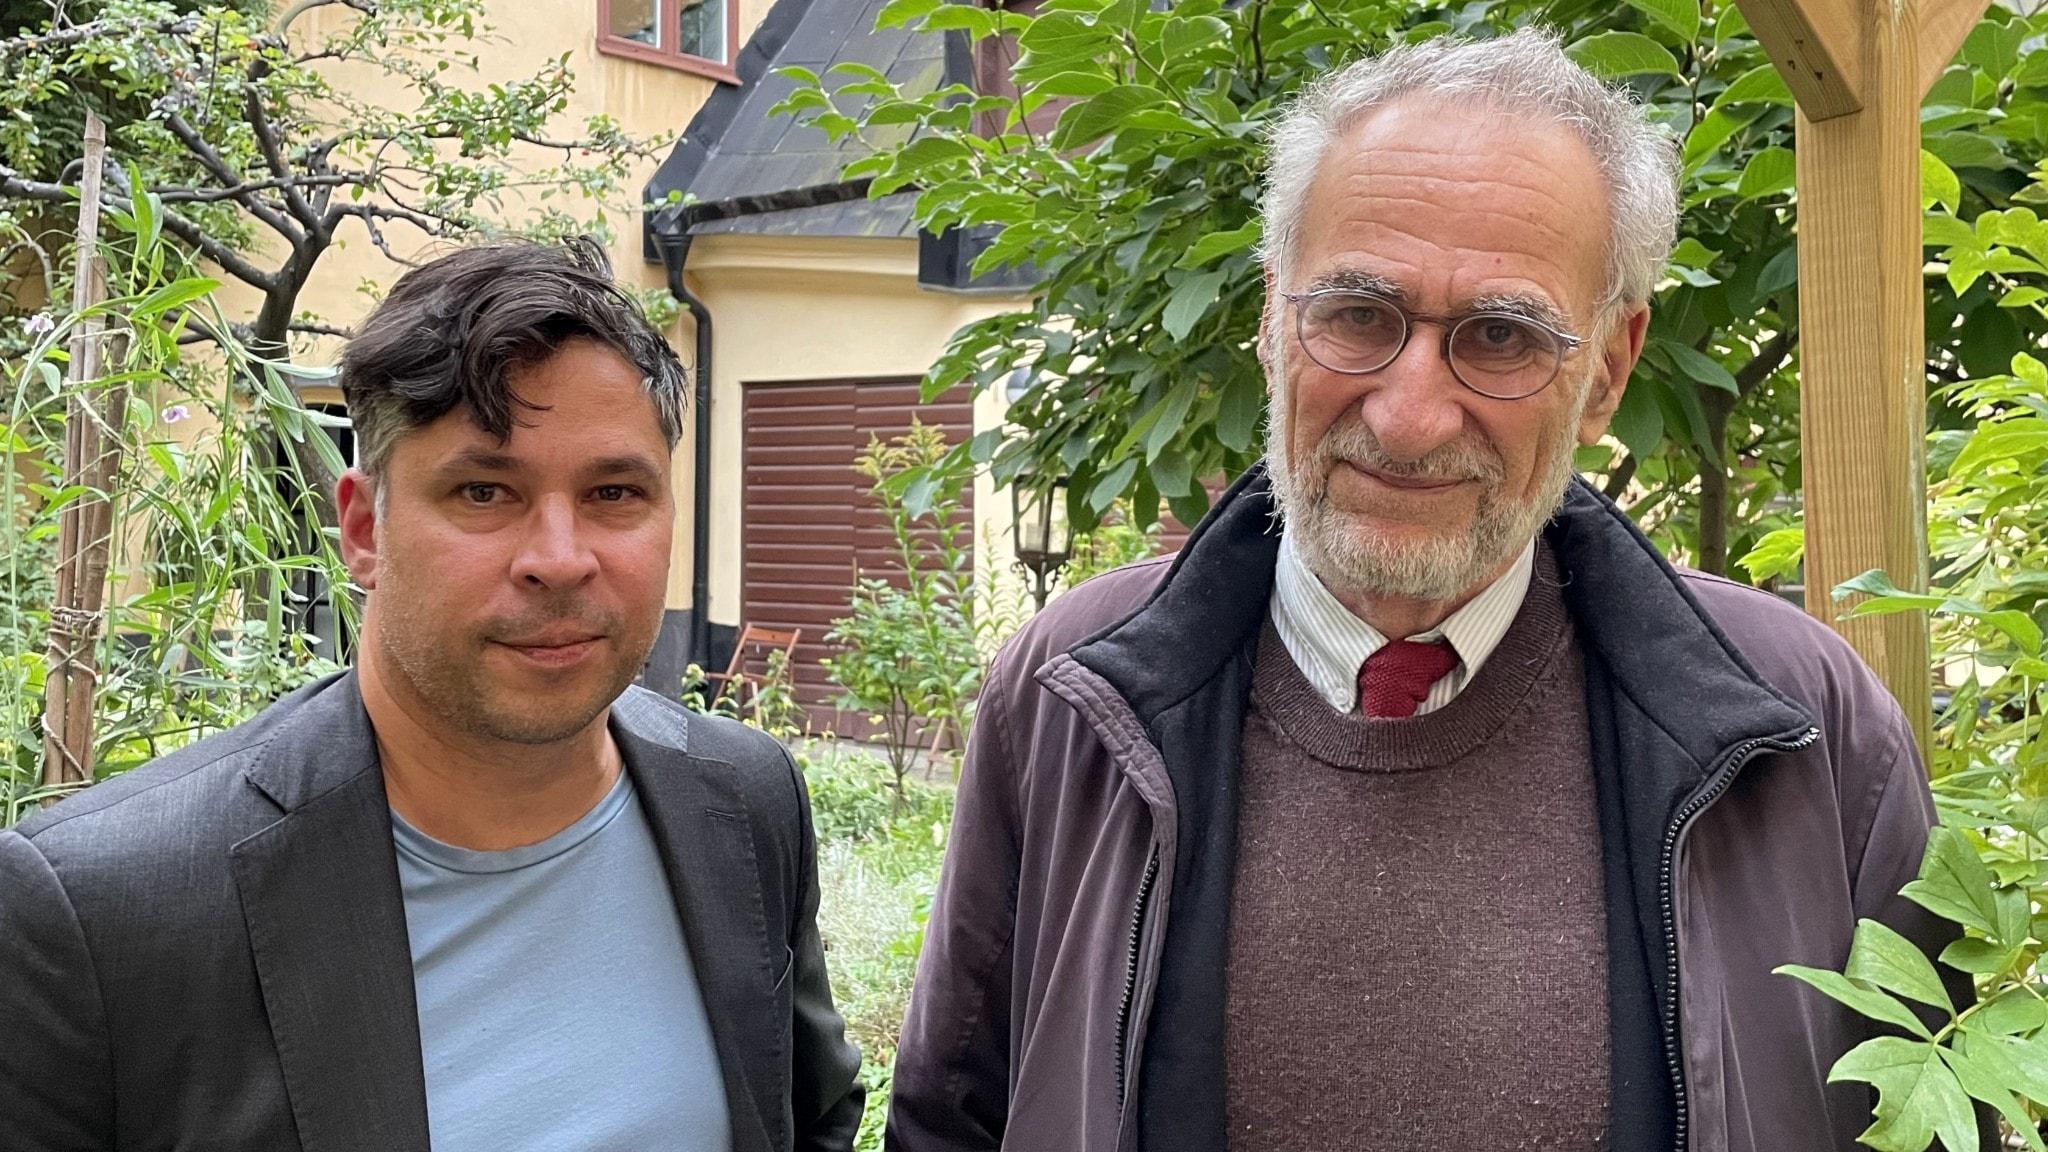 Johan Hirschfeldt och Martin Wicklin står i en trädgård